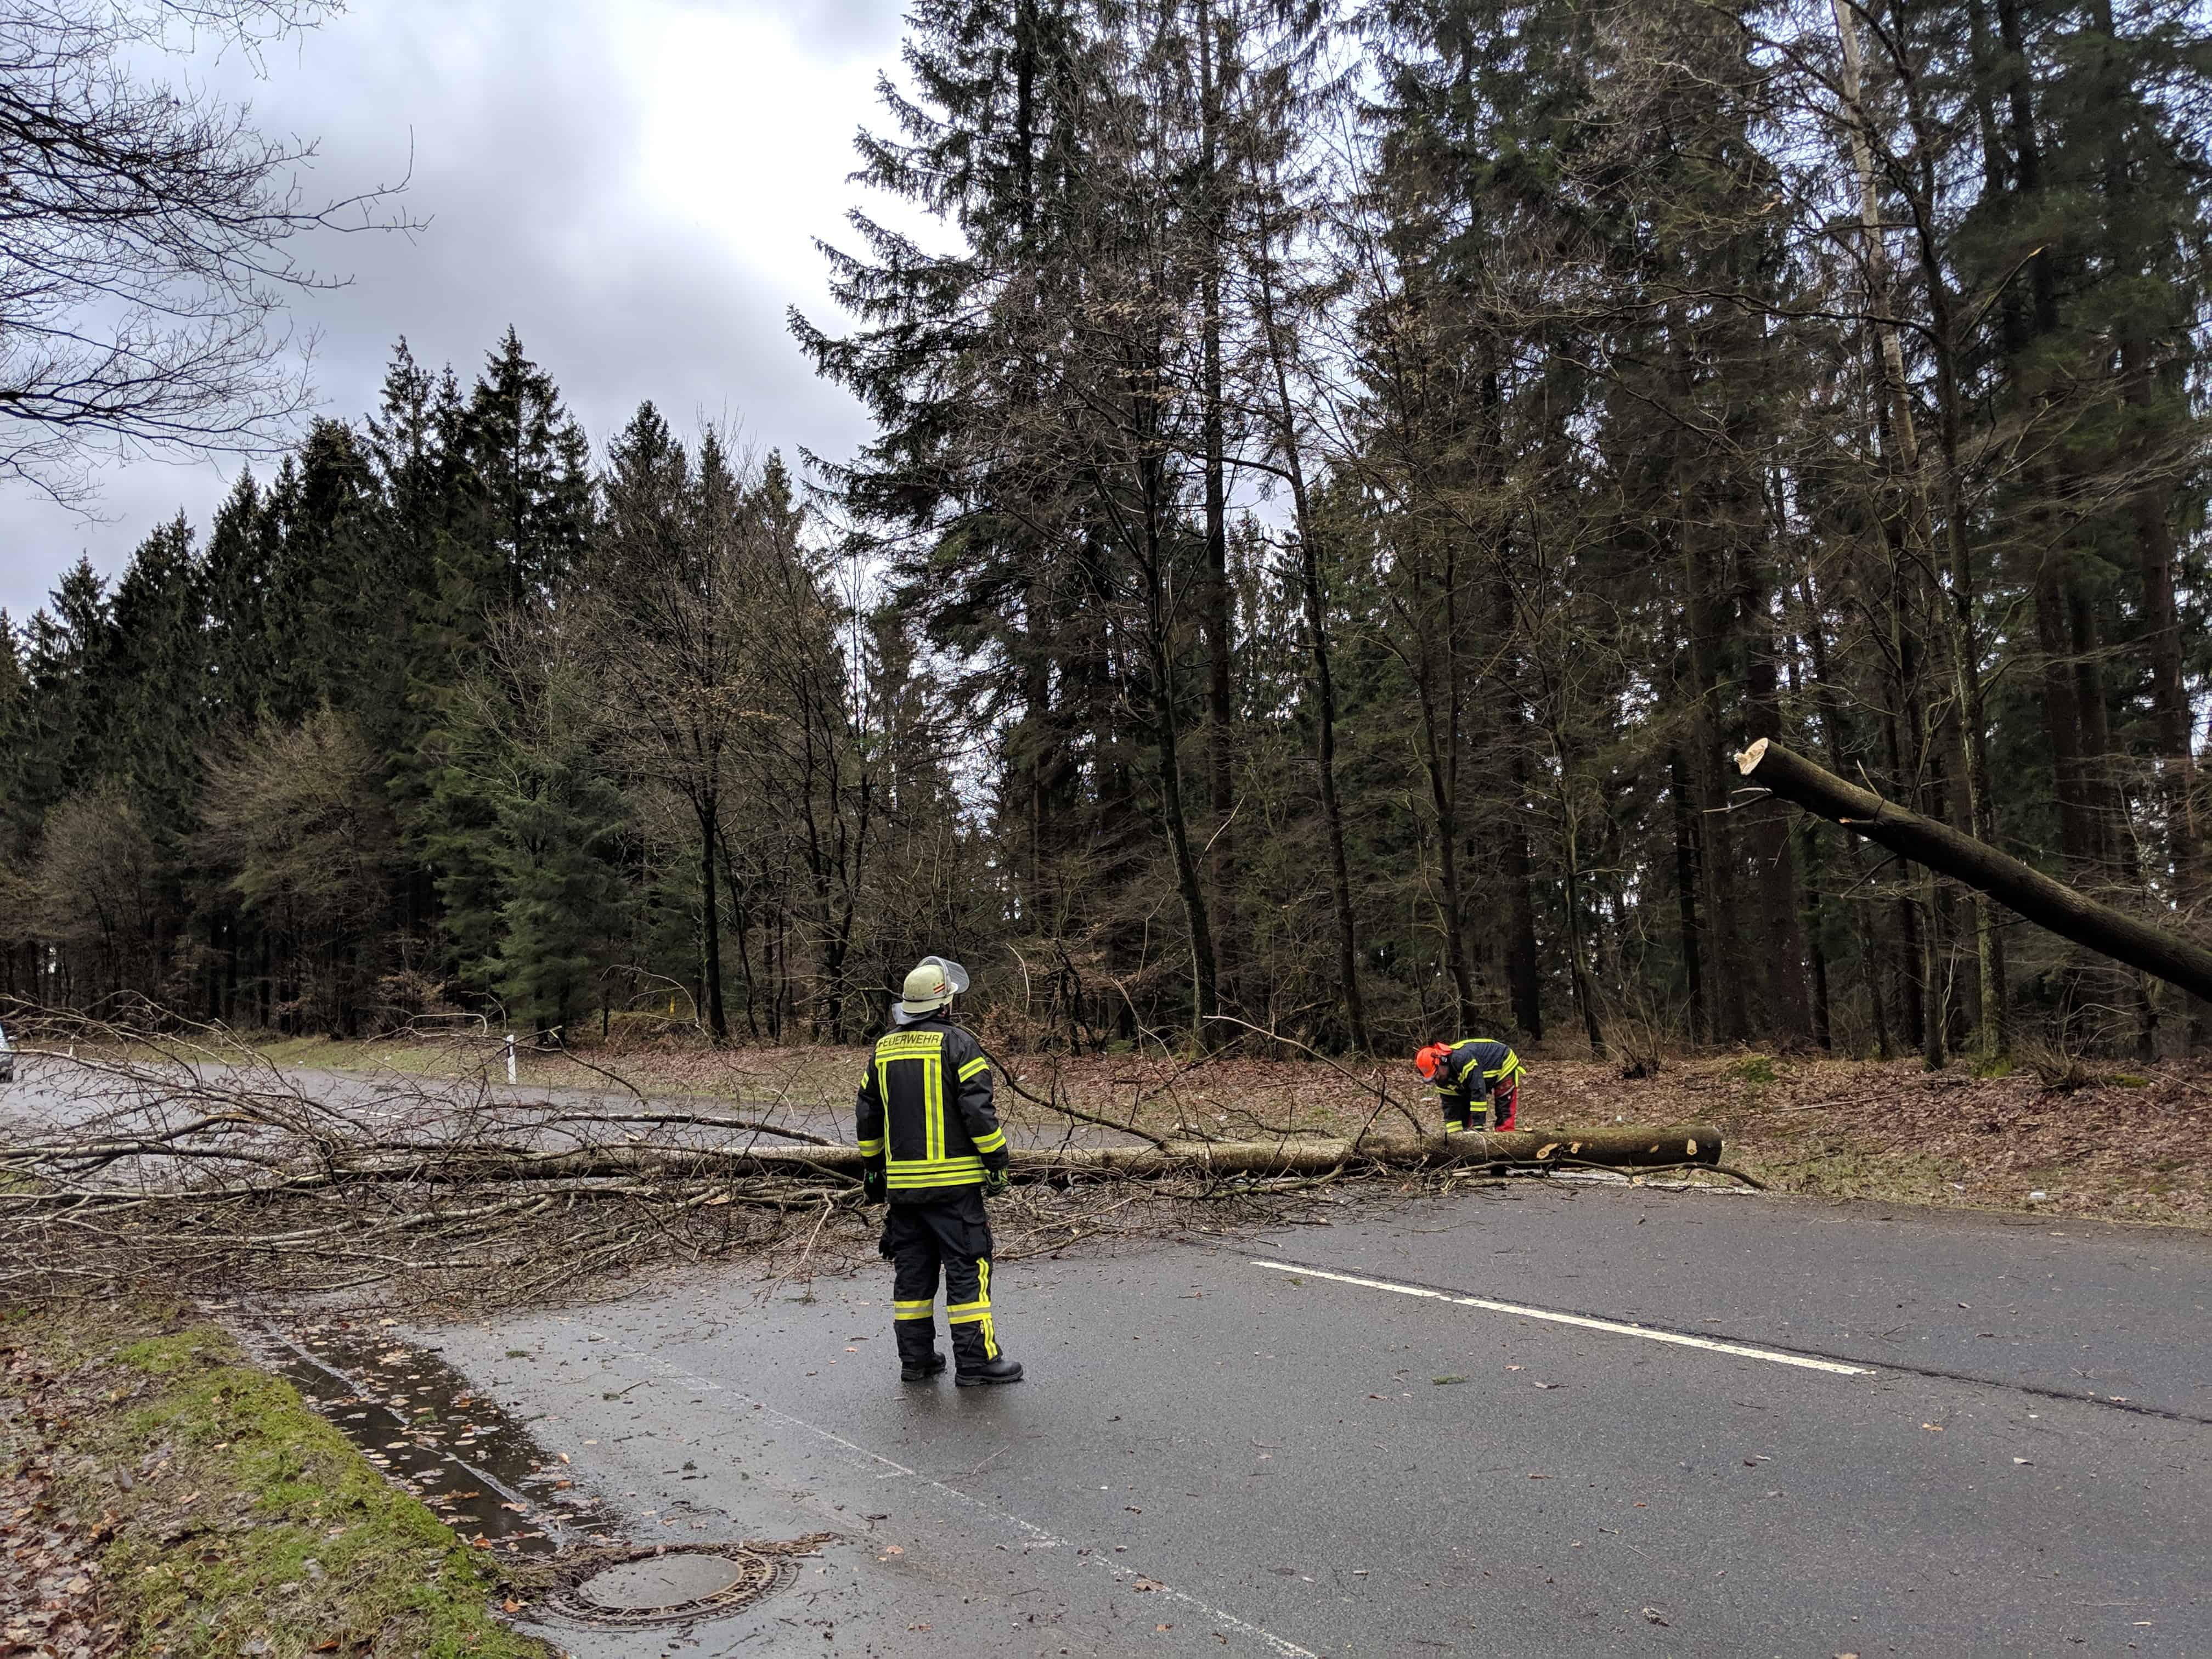 2019-03-10 Sturm Ebehardt 03